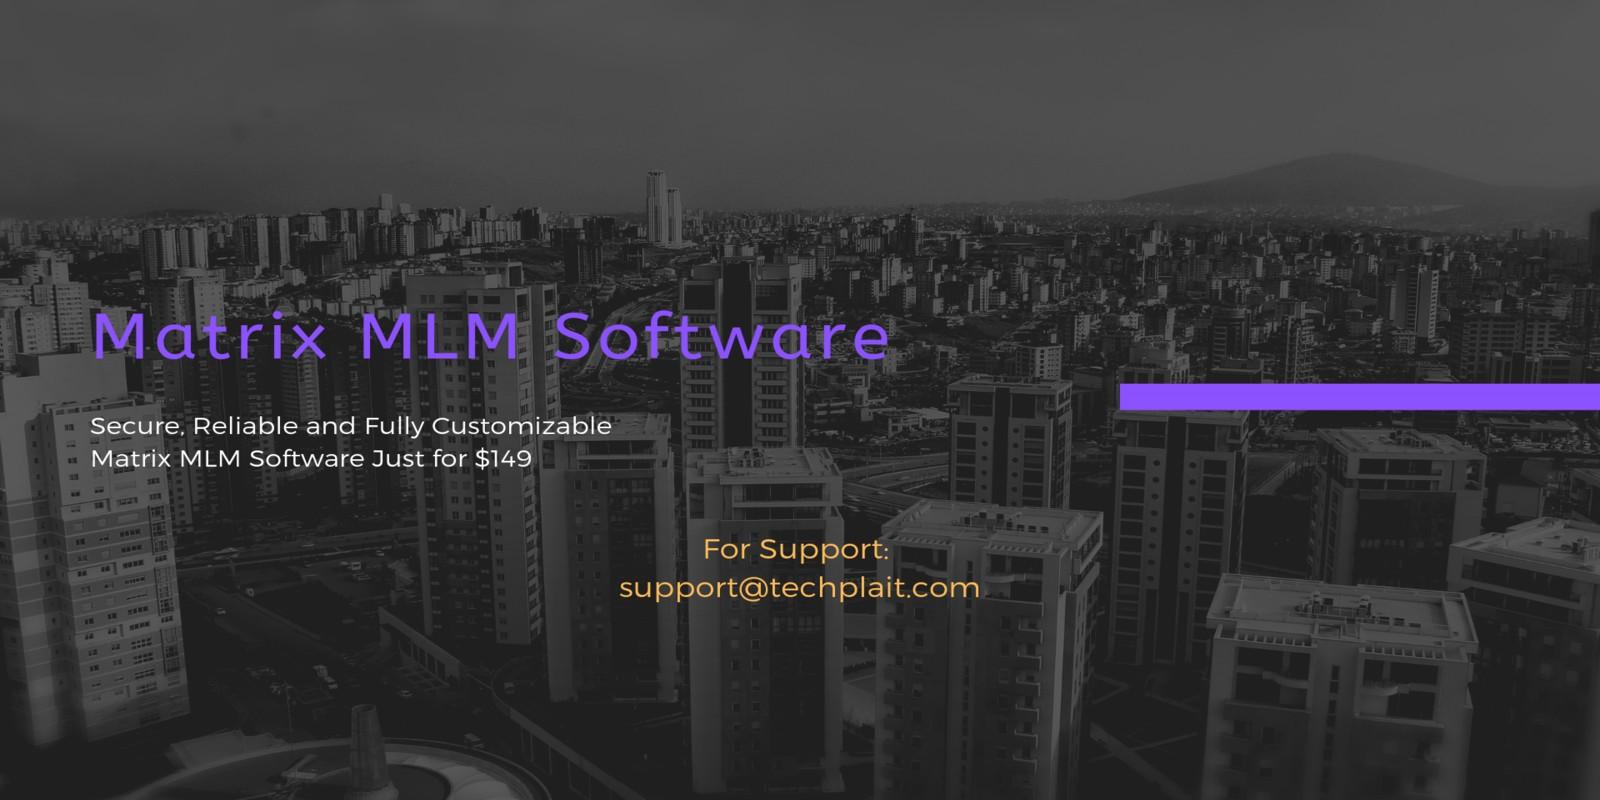 Matrix MLM Software